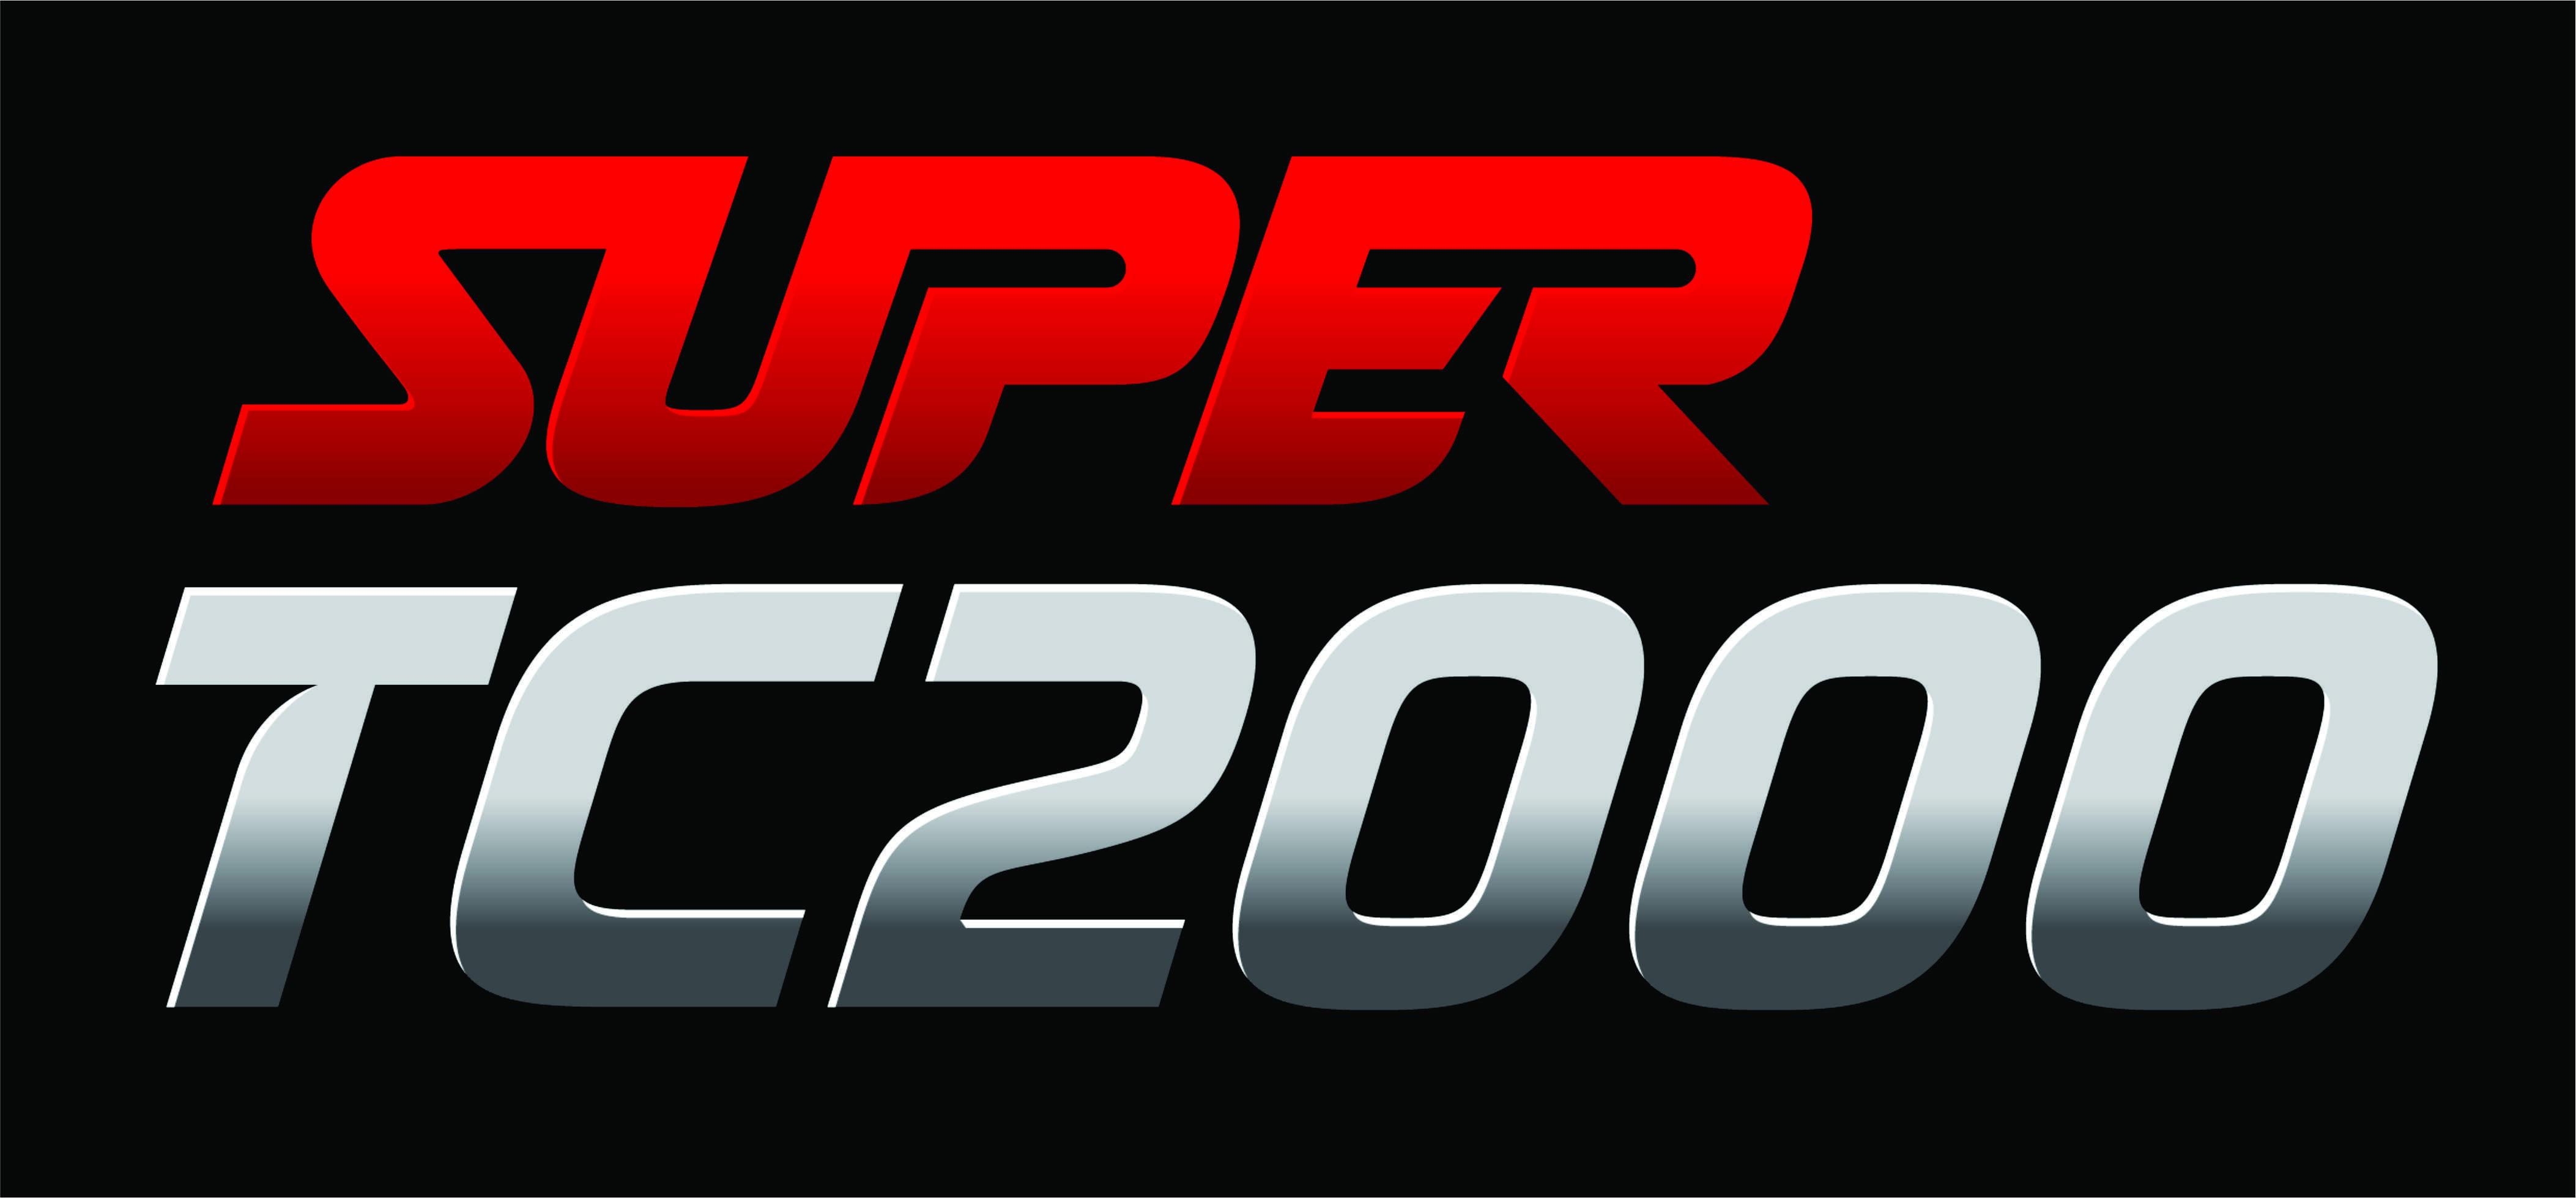 PRENSA STC2000